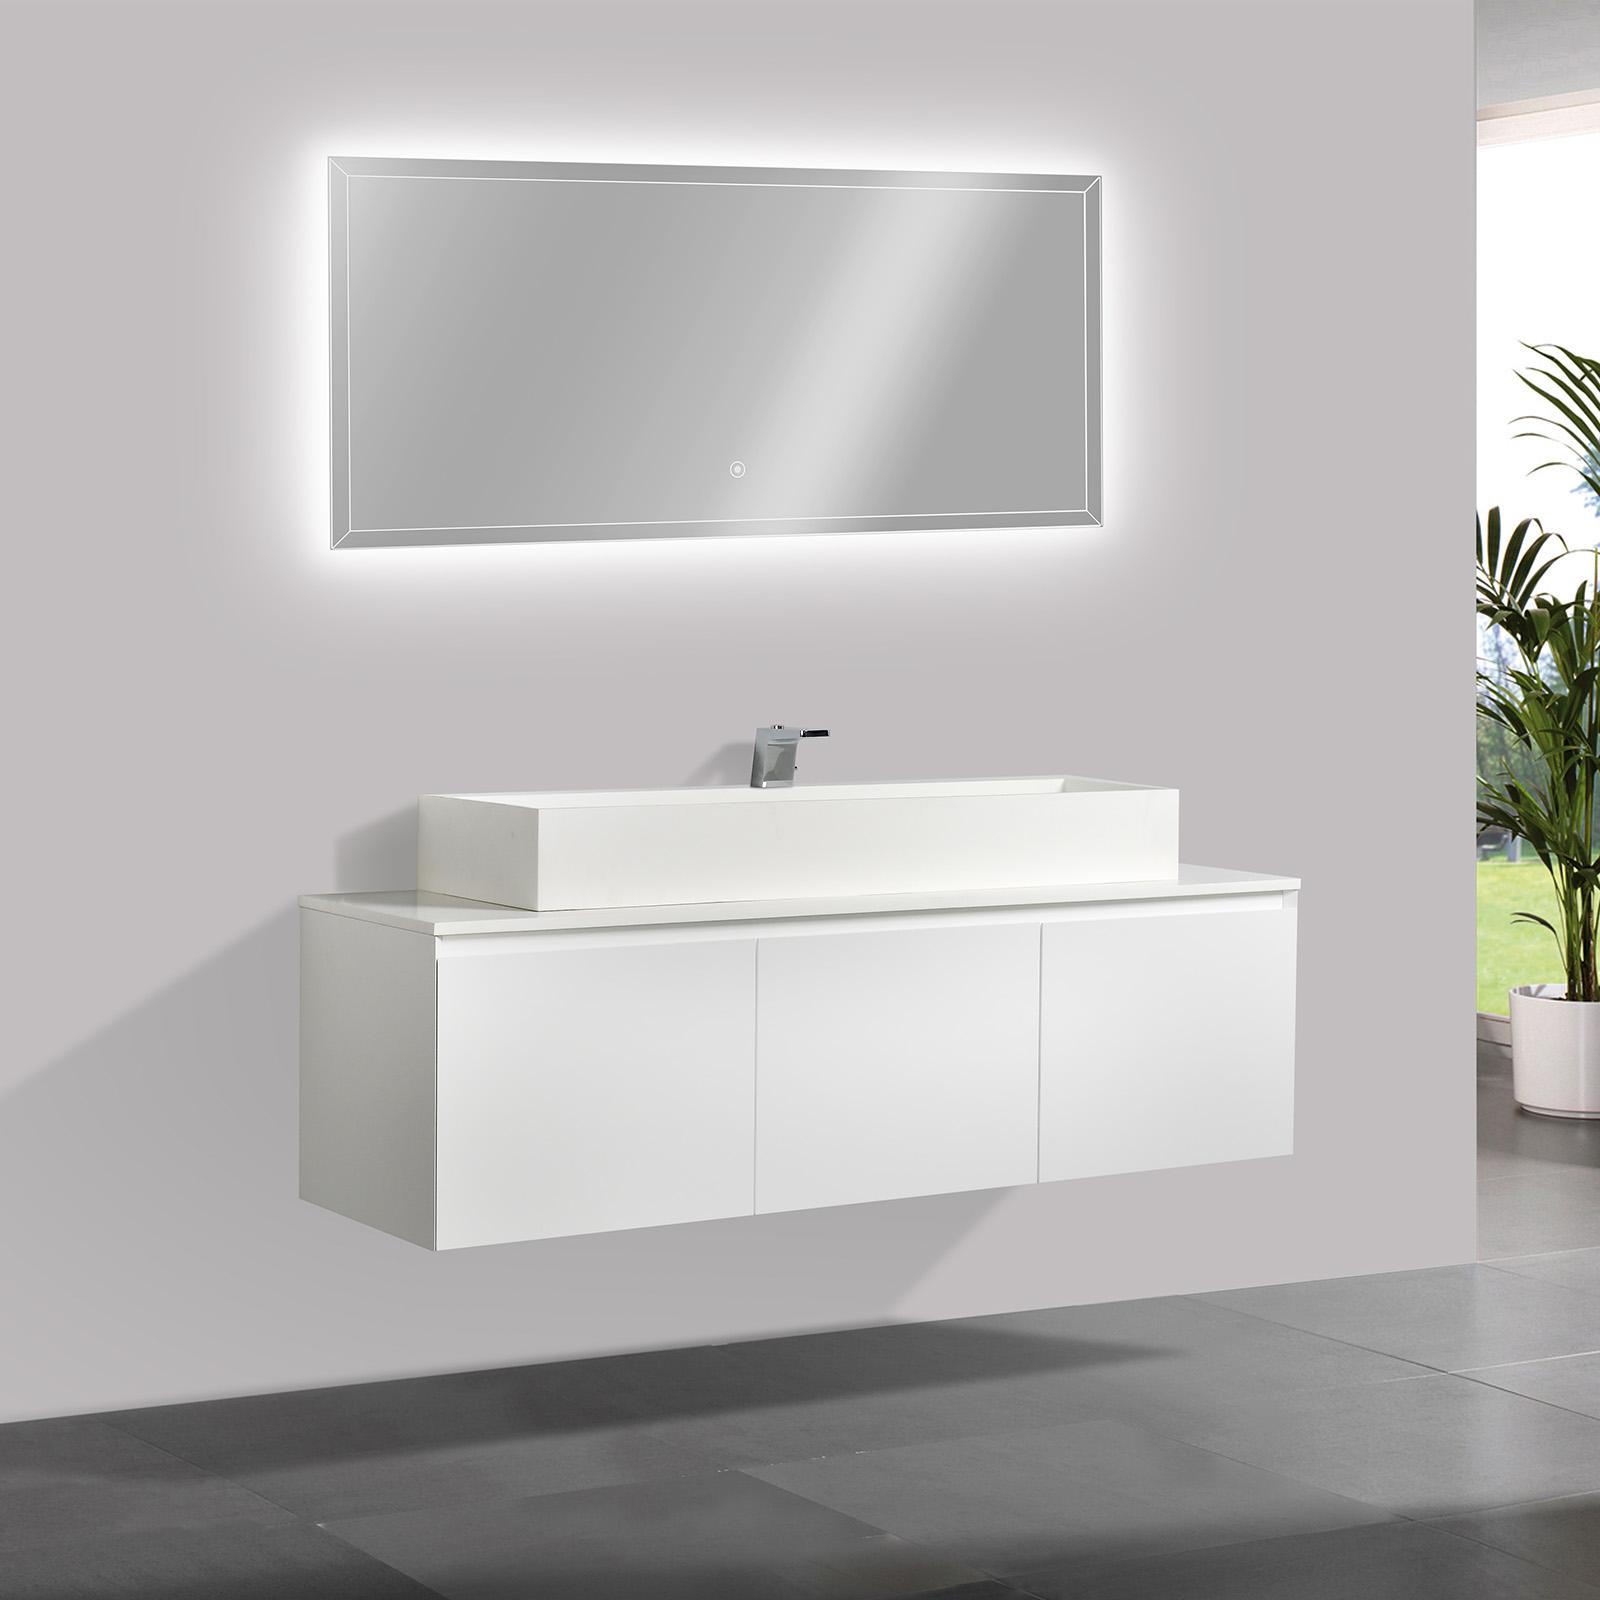 vasque avec meuble Meuble de salle de bain Luna 1600 blanc mat avec plan vasque en solid  surface - vasque u0026 miroir disponible en option